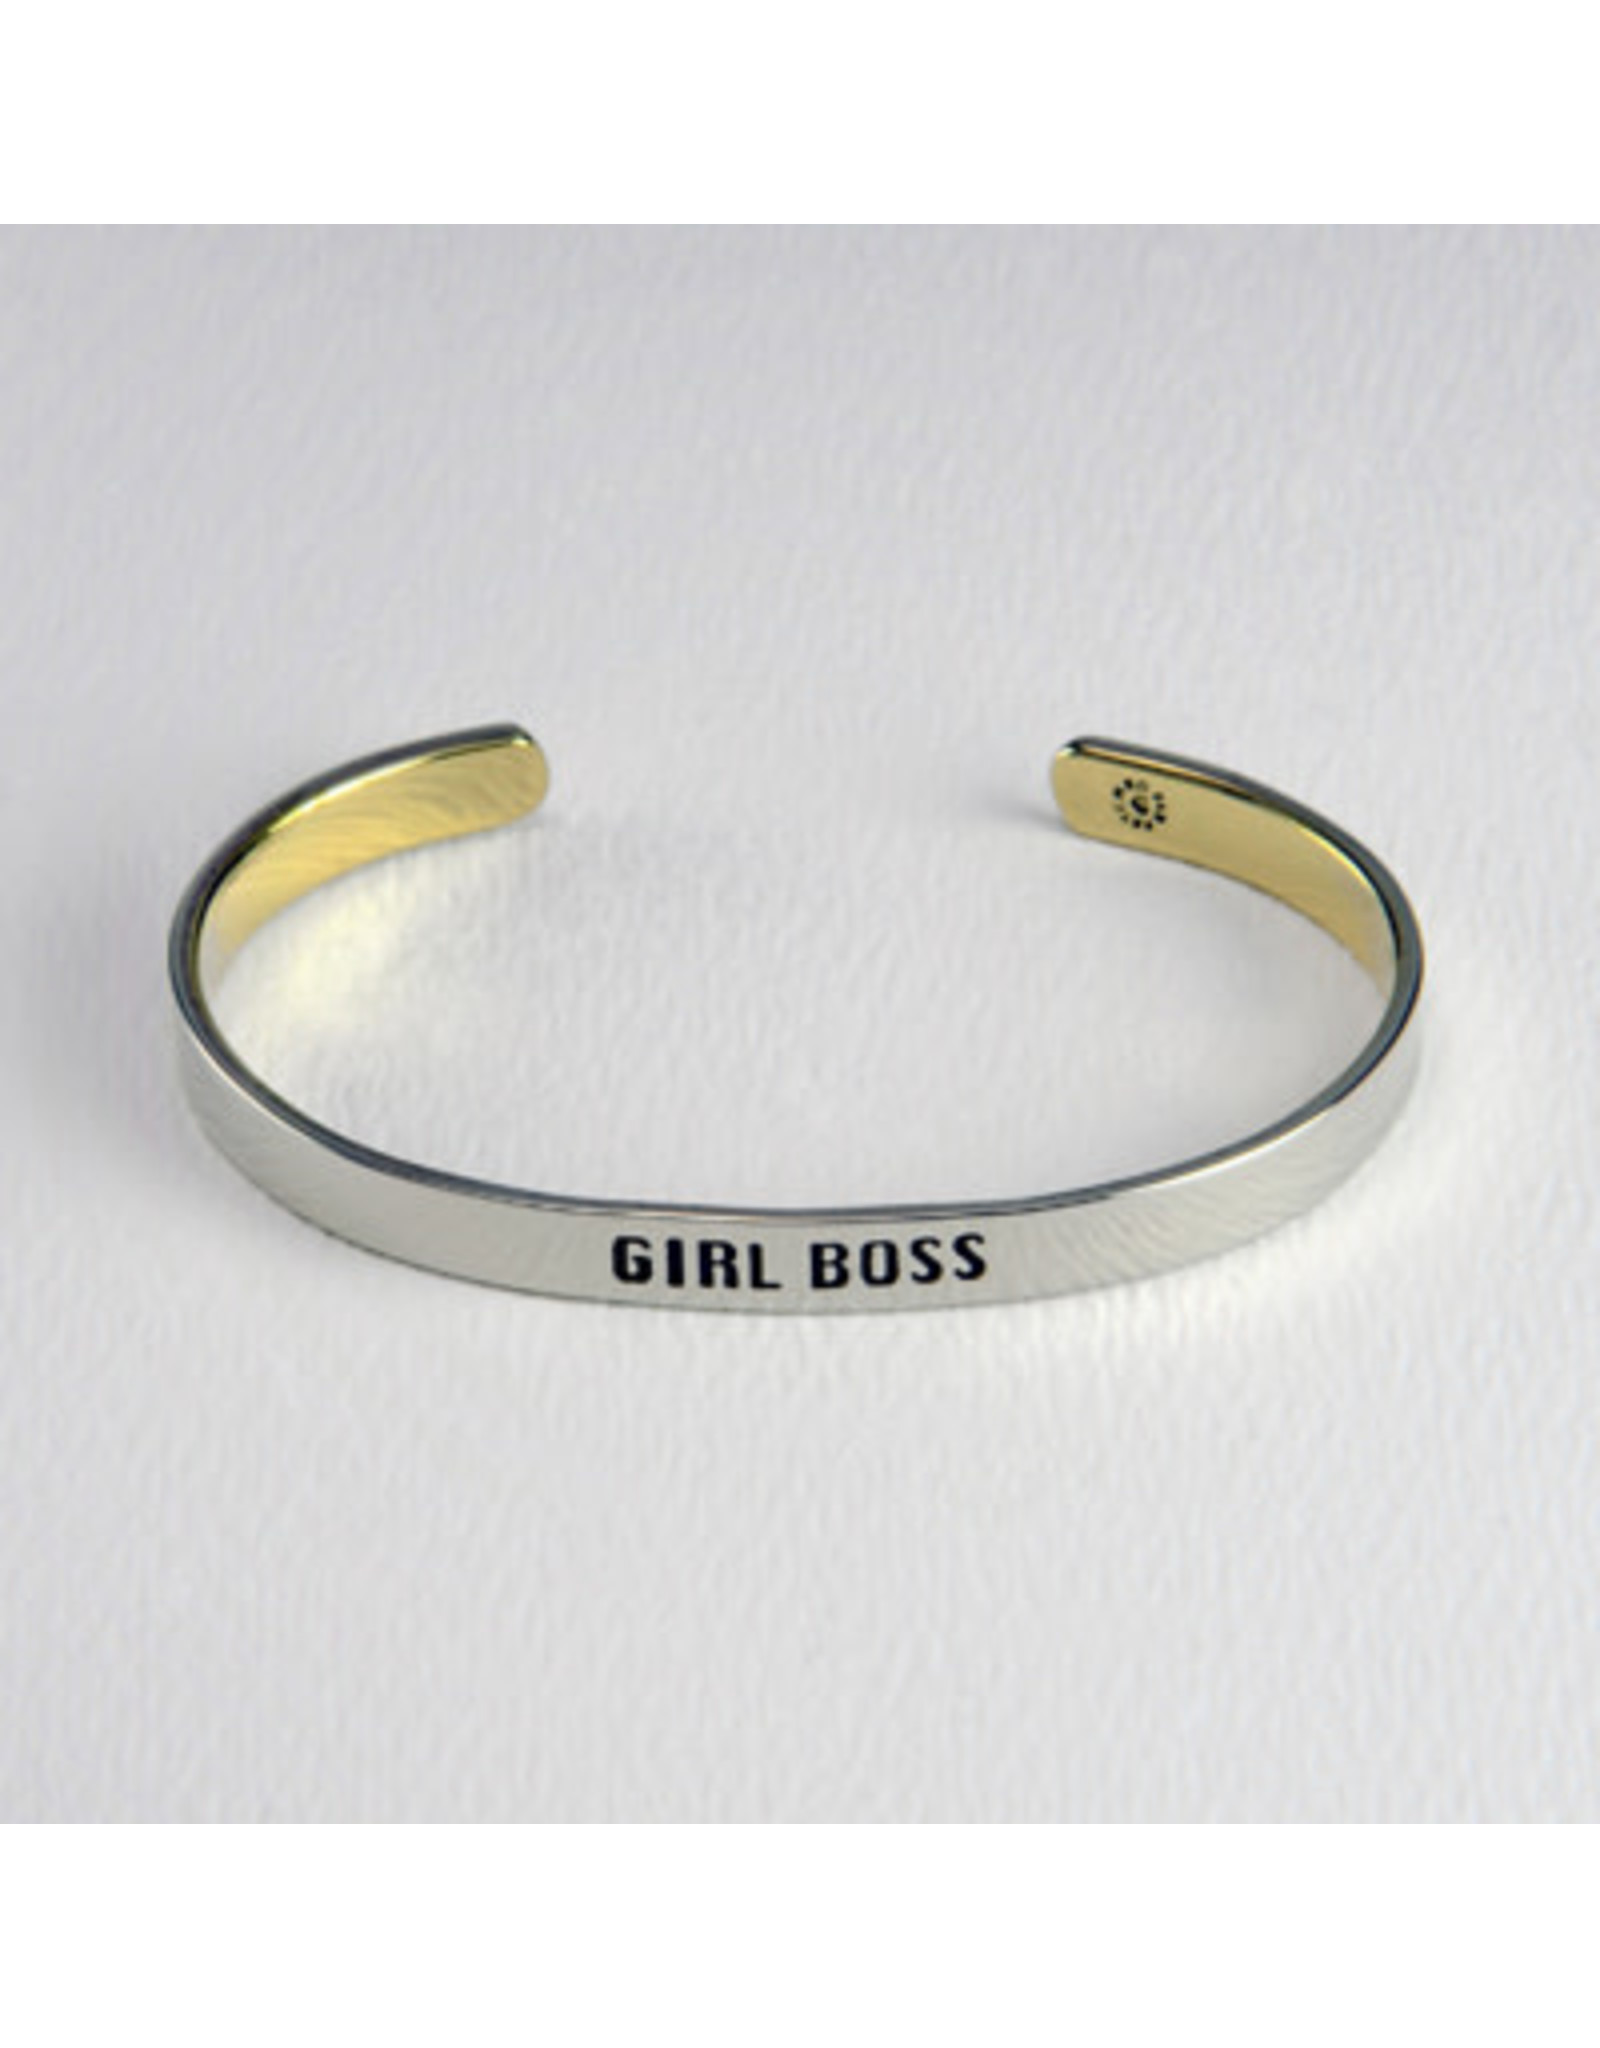 Stackable Cuffs,  Girl Boss